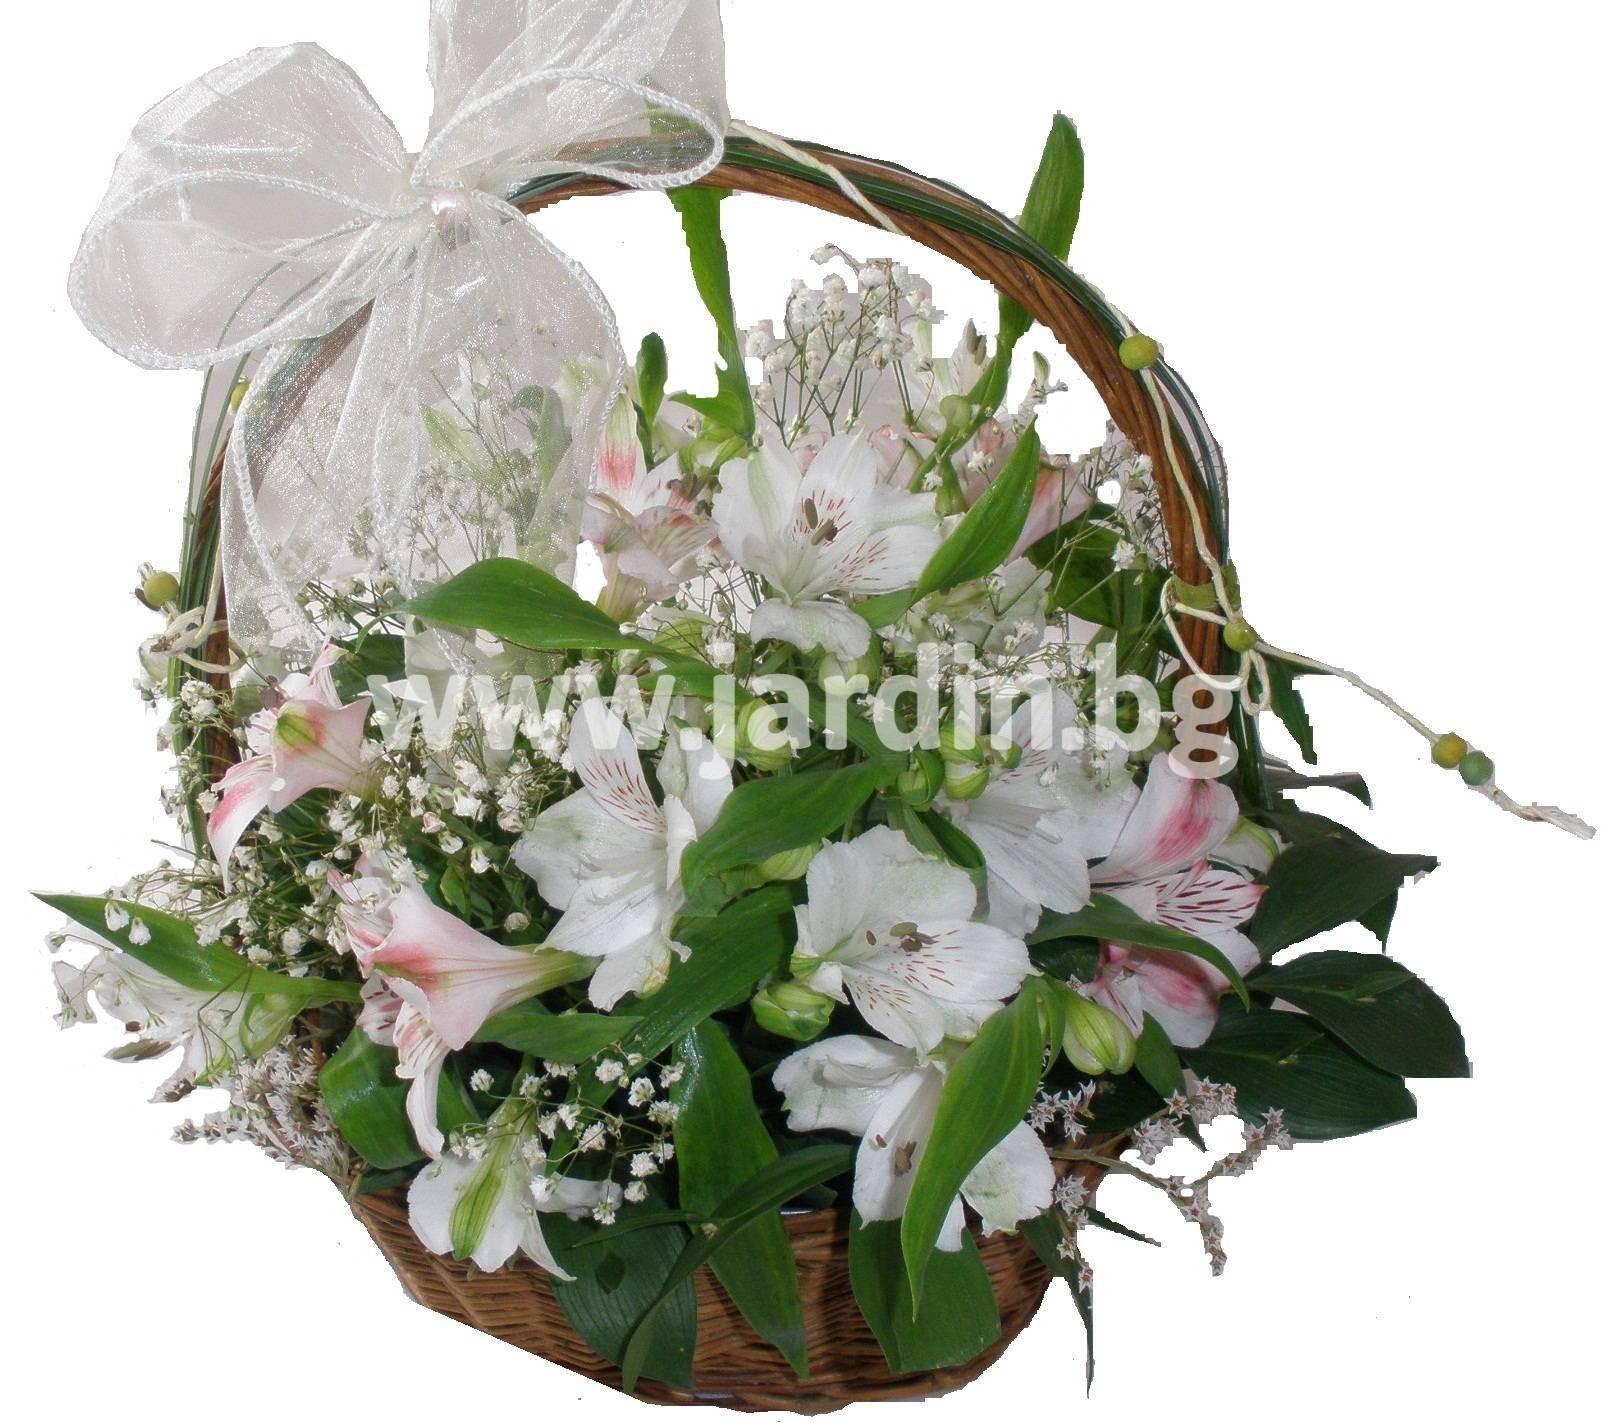 _цветя_кошници_бургас (2)